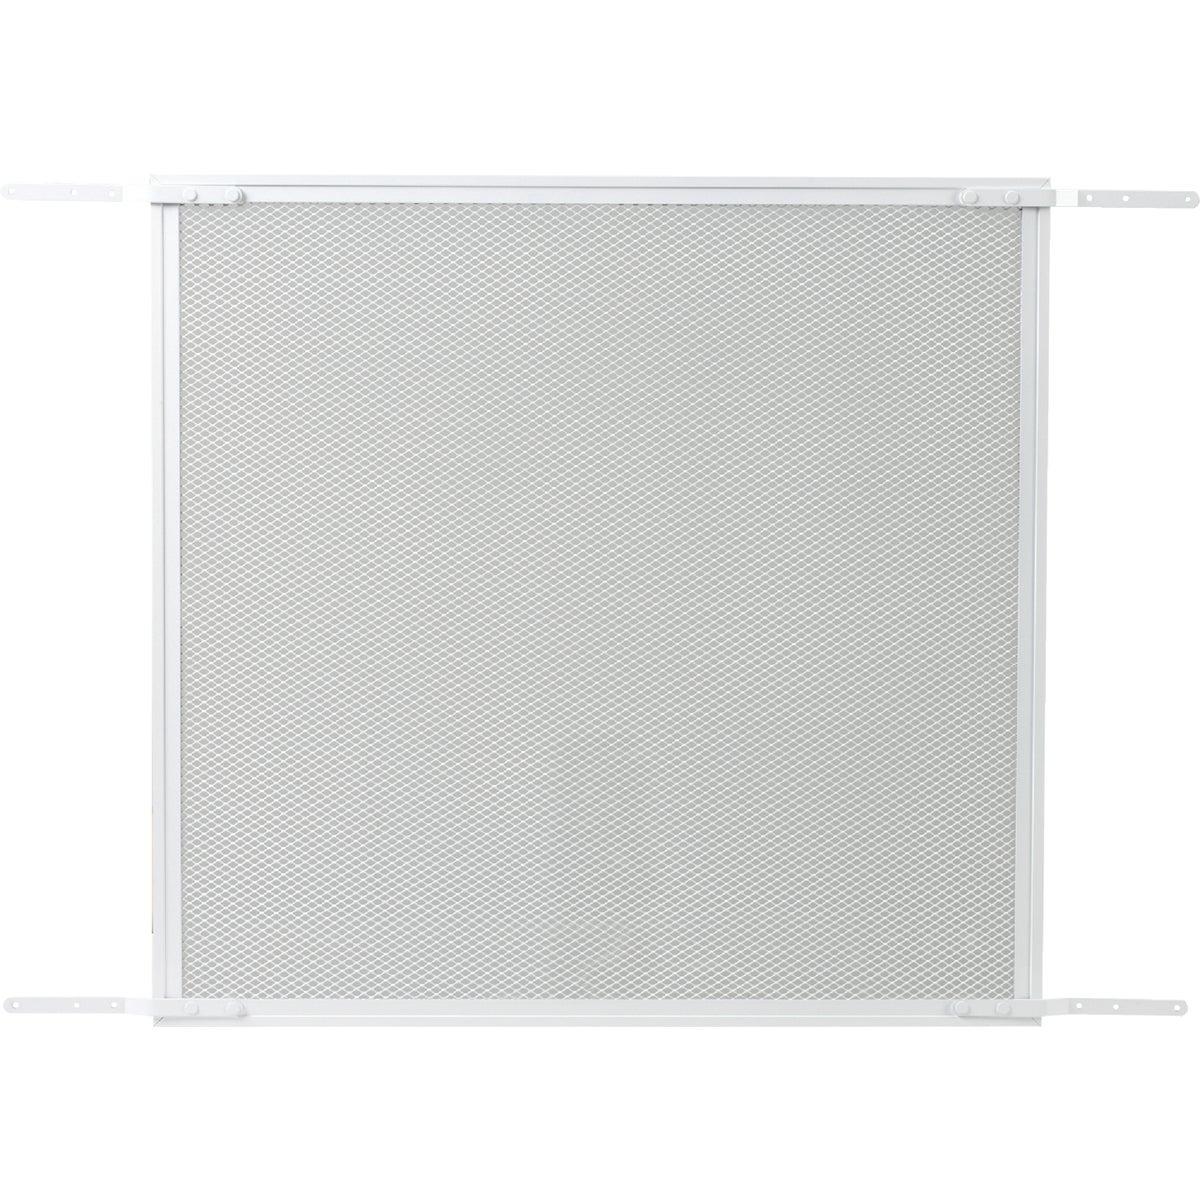 WHITE DOOR GRILLE